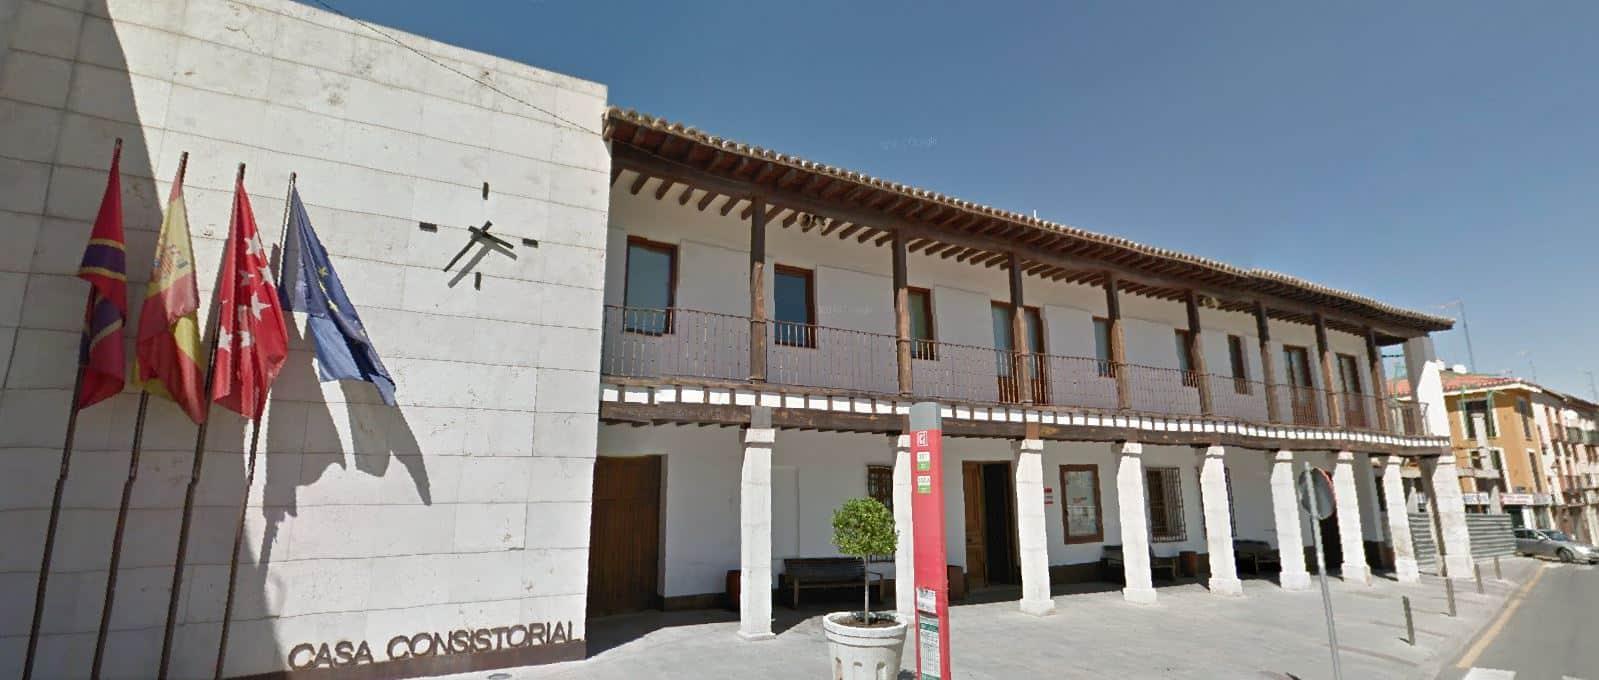 Registro civil - Ayuntamiento Villarejo de Salvanés